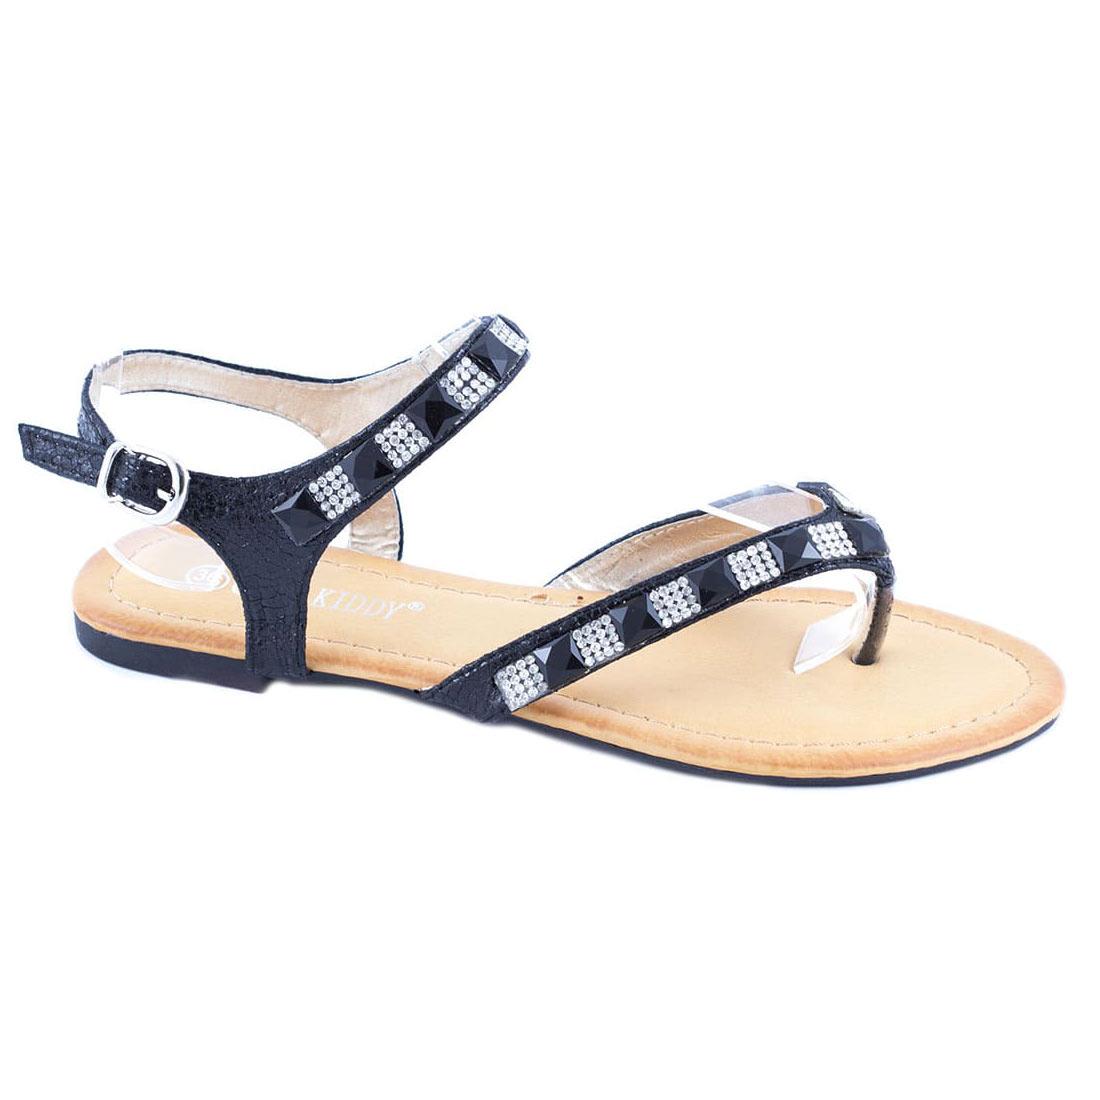 Sandale de dama negre 6030-17N